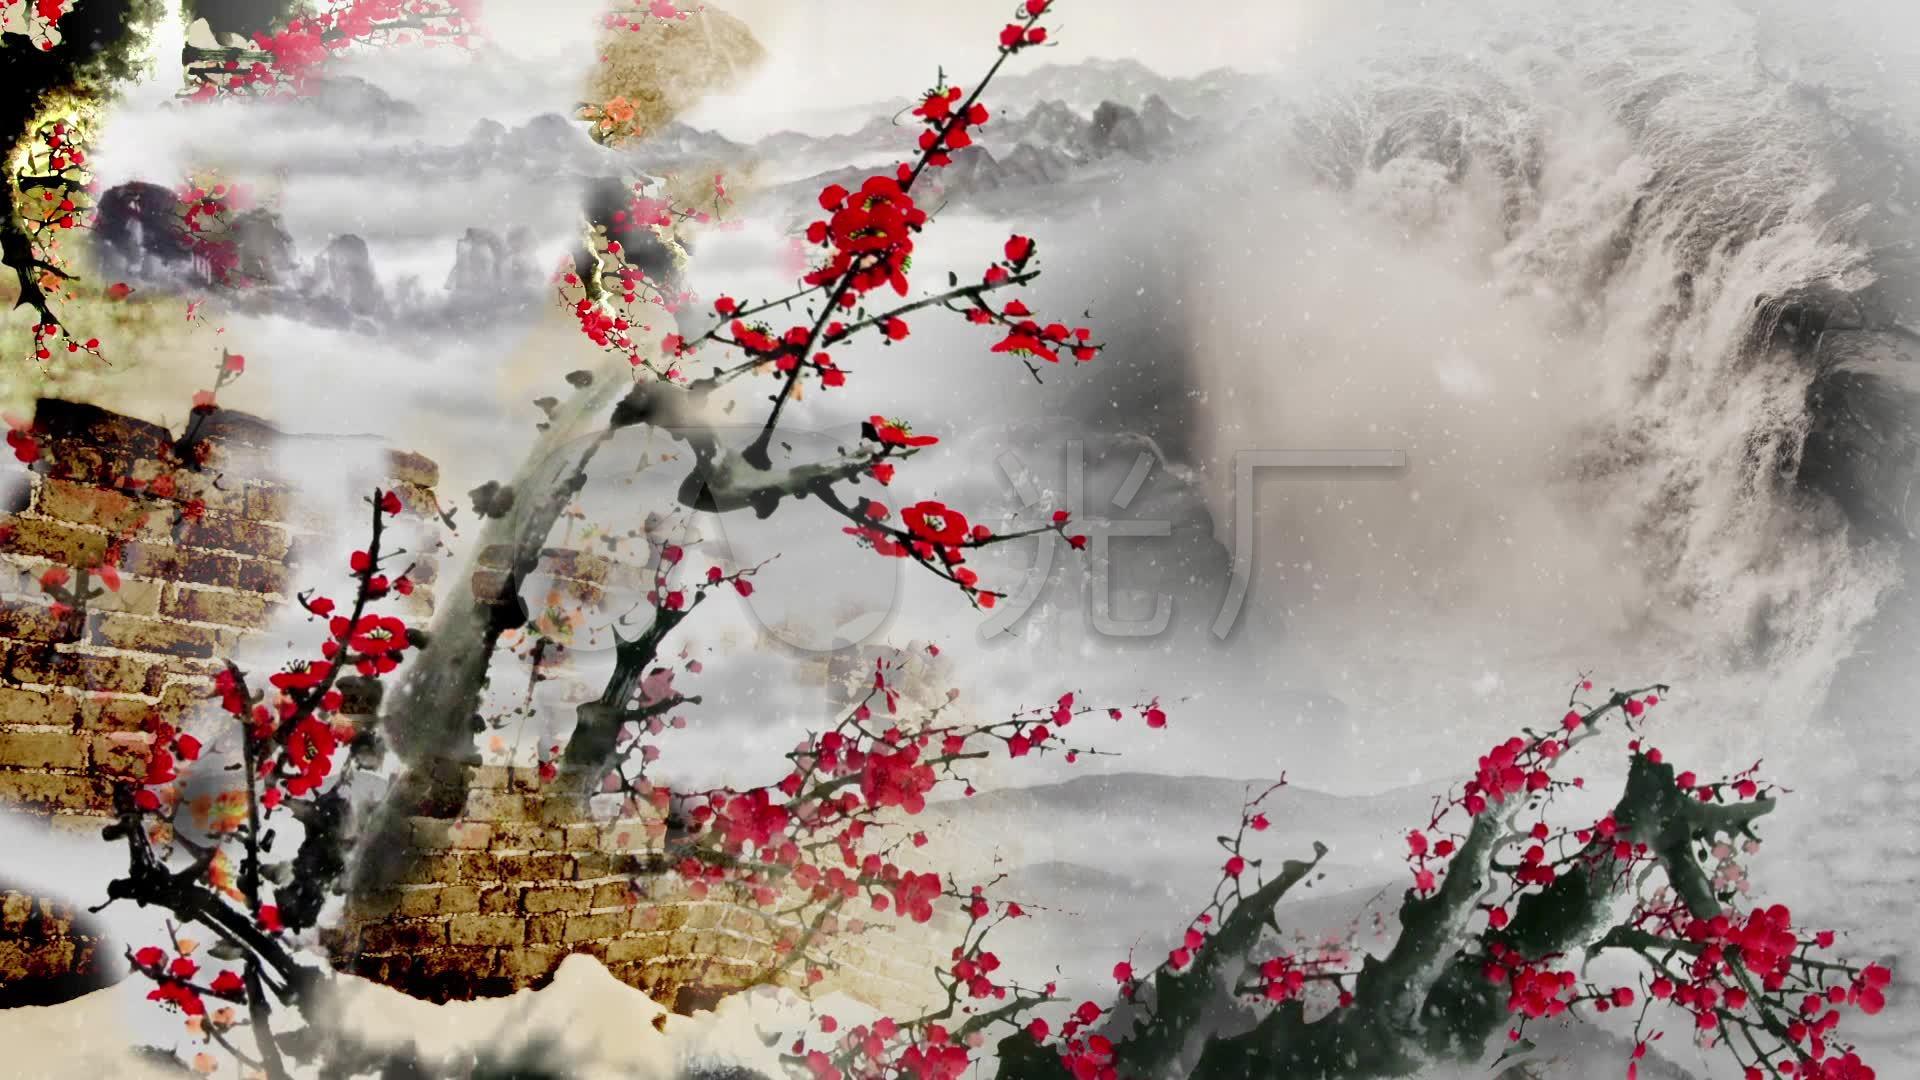 高清红梅赞大屏幕视频背景_1920X1080_歌曲视频音乐iu图片